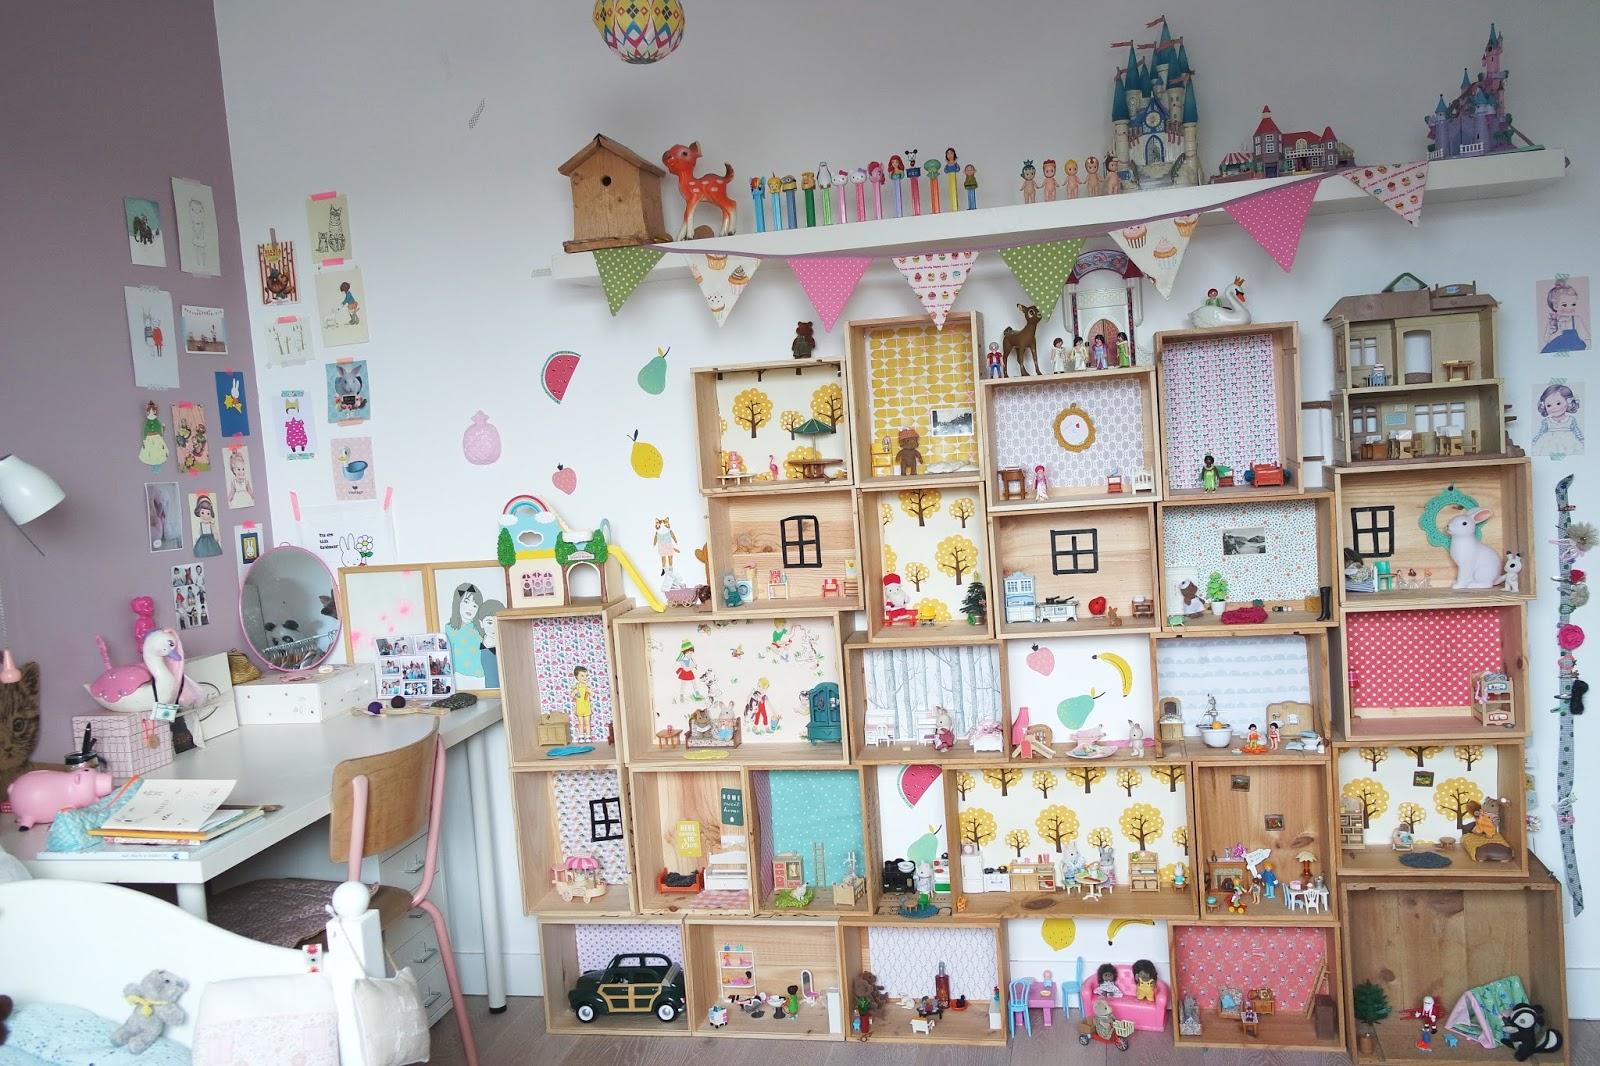 Les Maisons Ou Le Diy Archi Simplifie Dans Un Petit Village